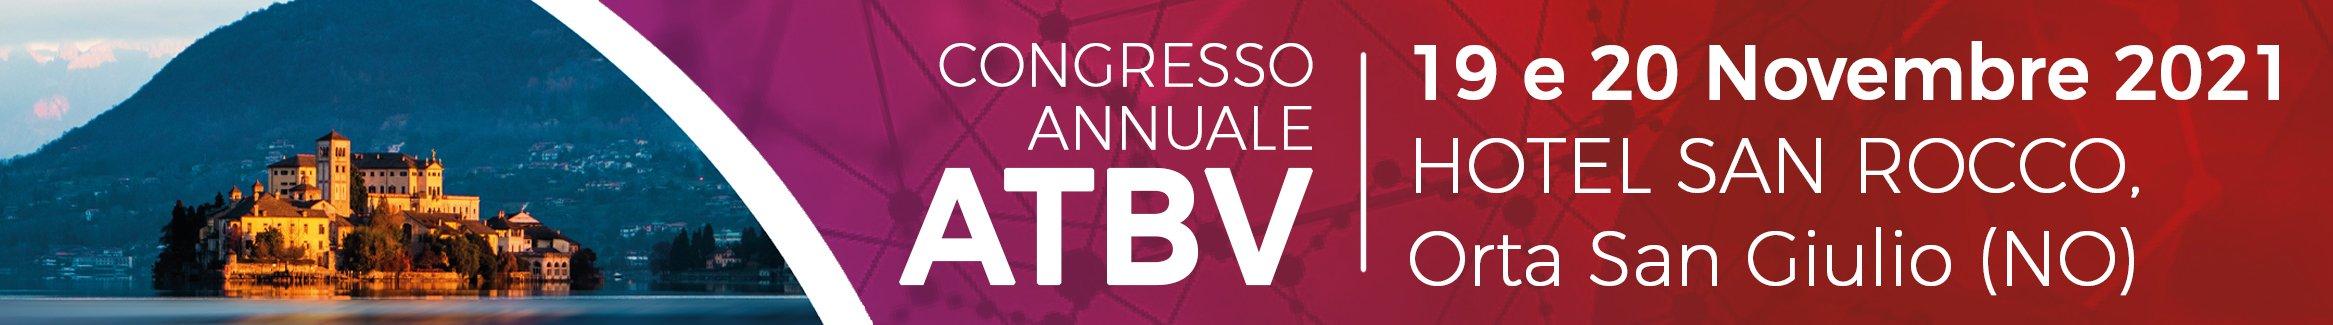 ATBV2